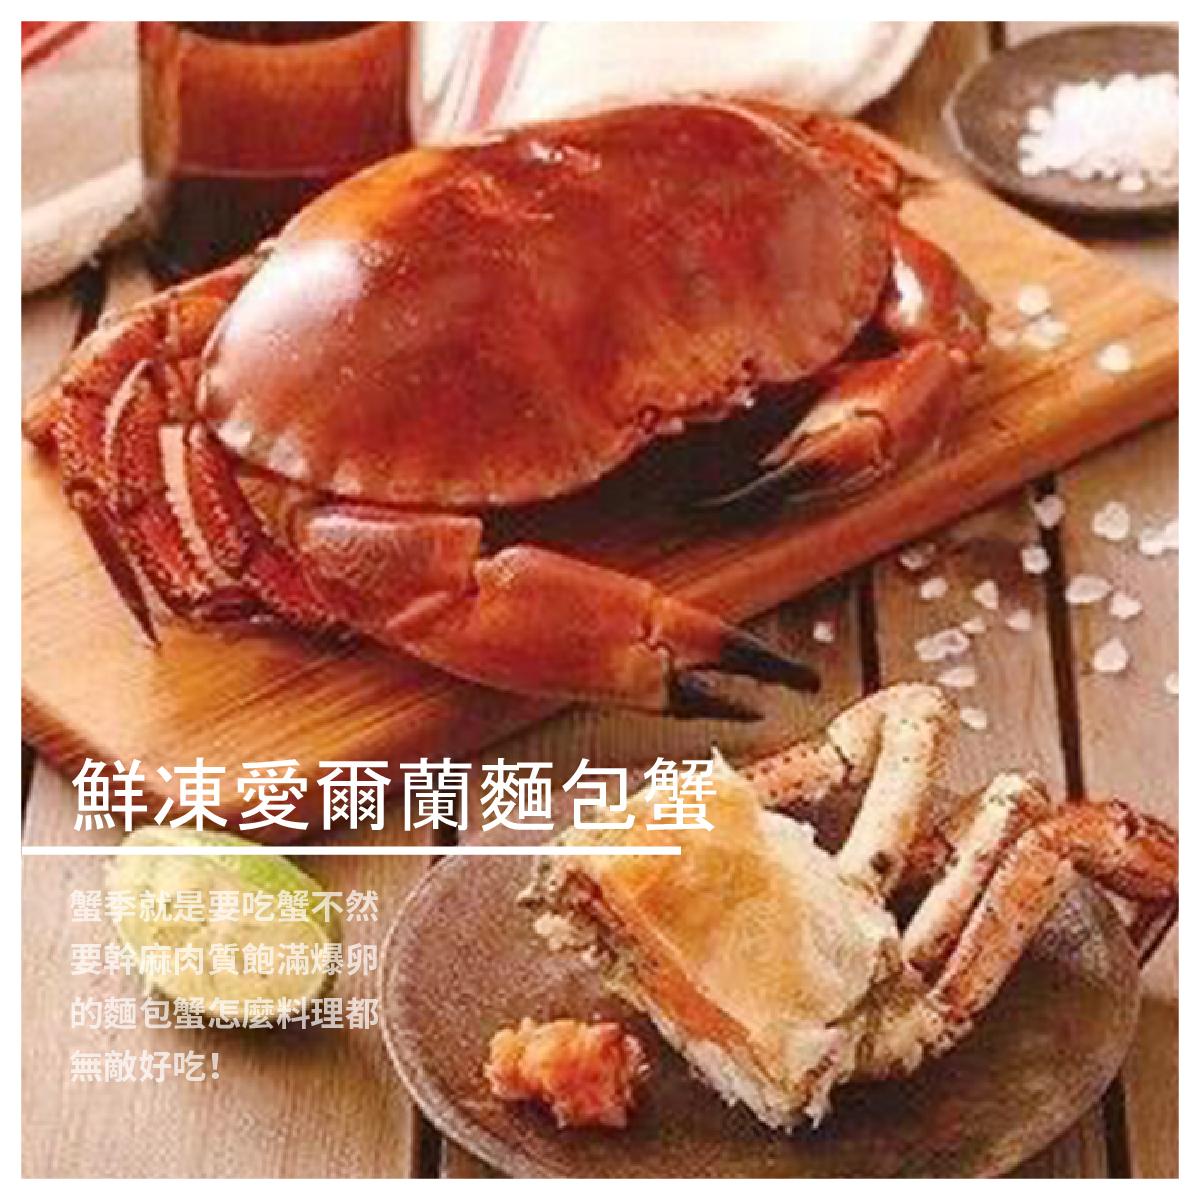 【蟹大盜生鮮市集】鮮凍愛爾蘭麵包蟹 3隻